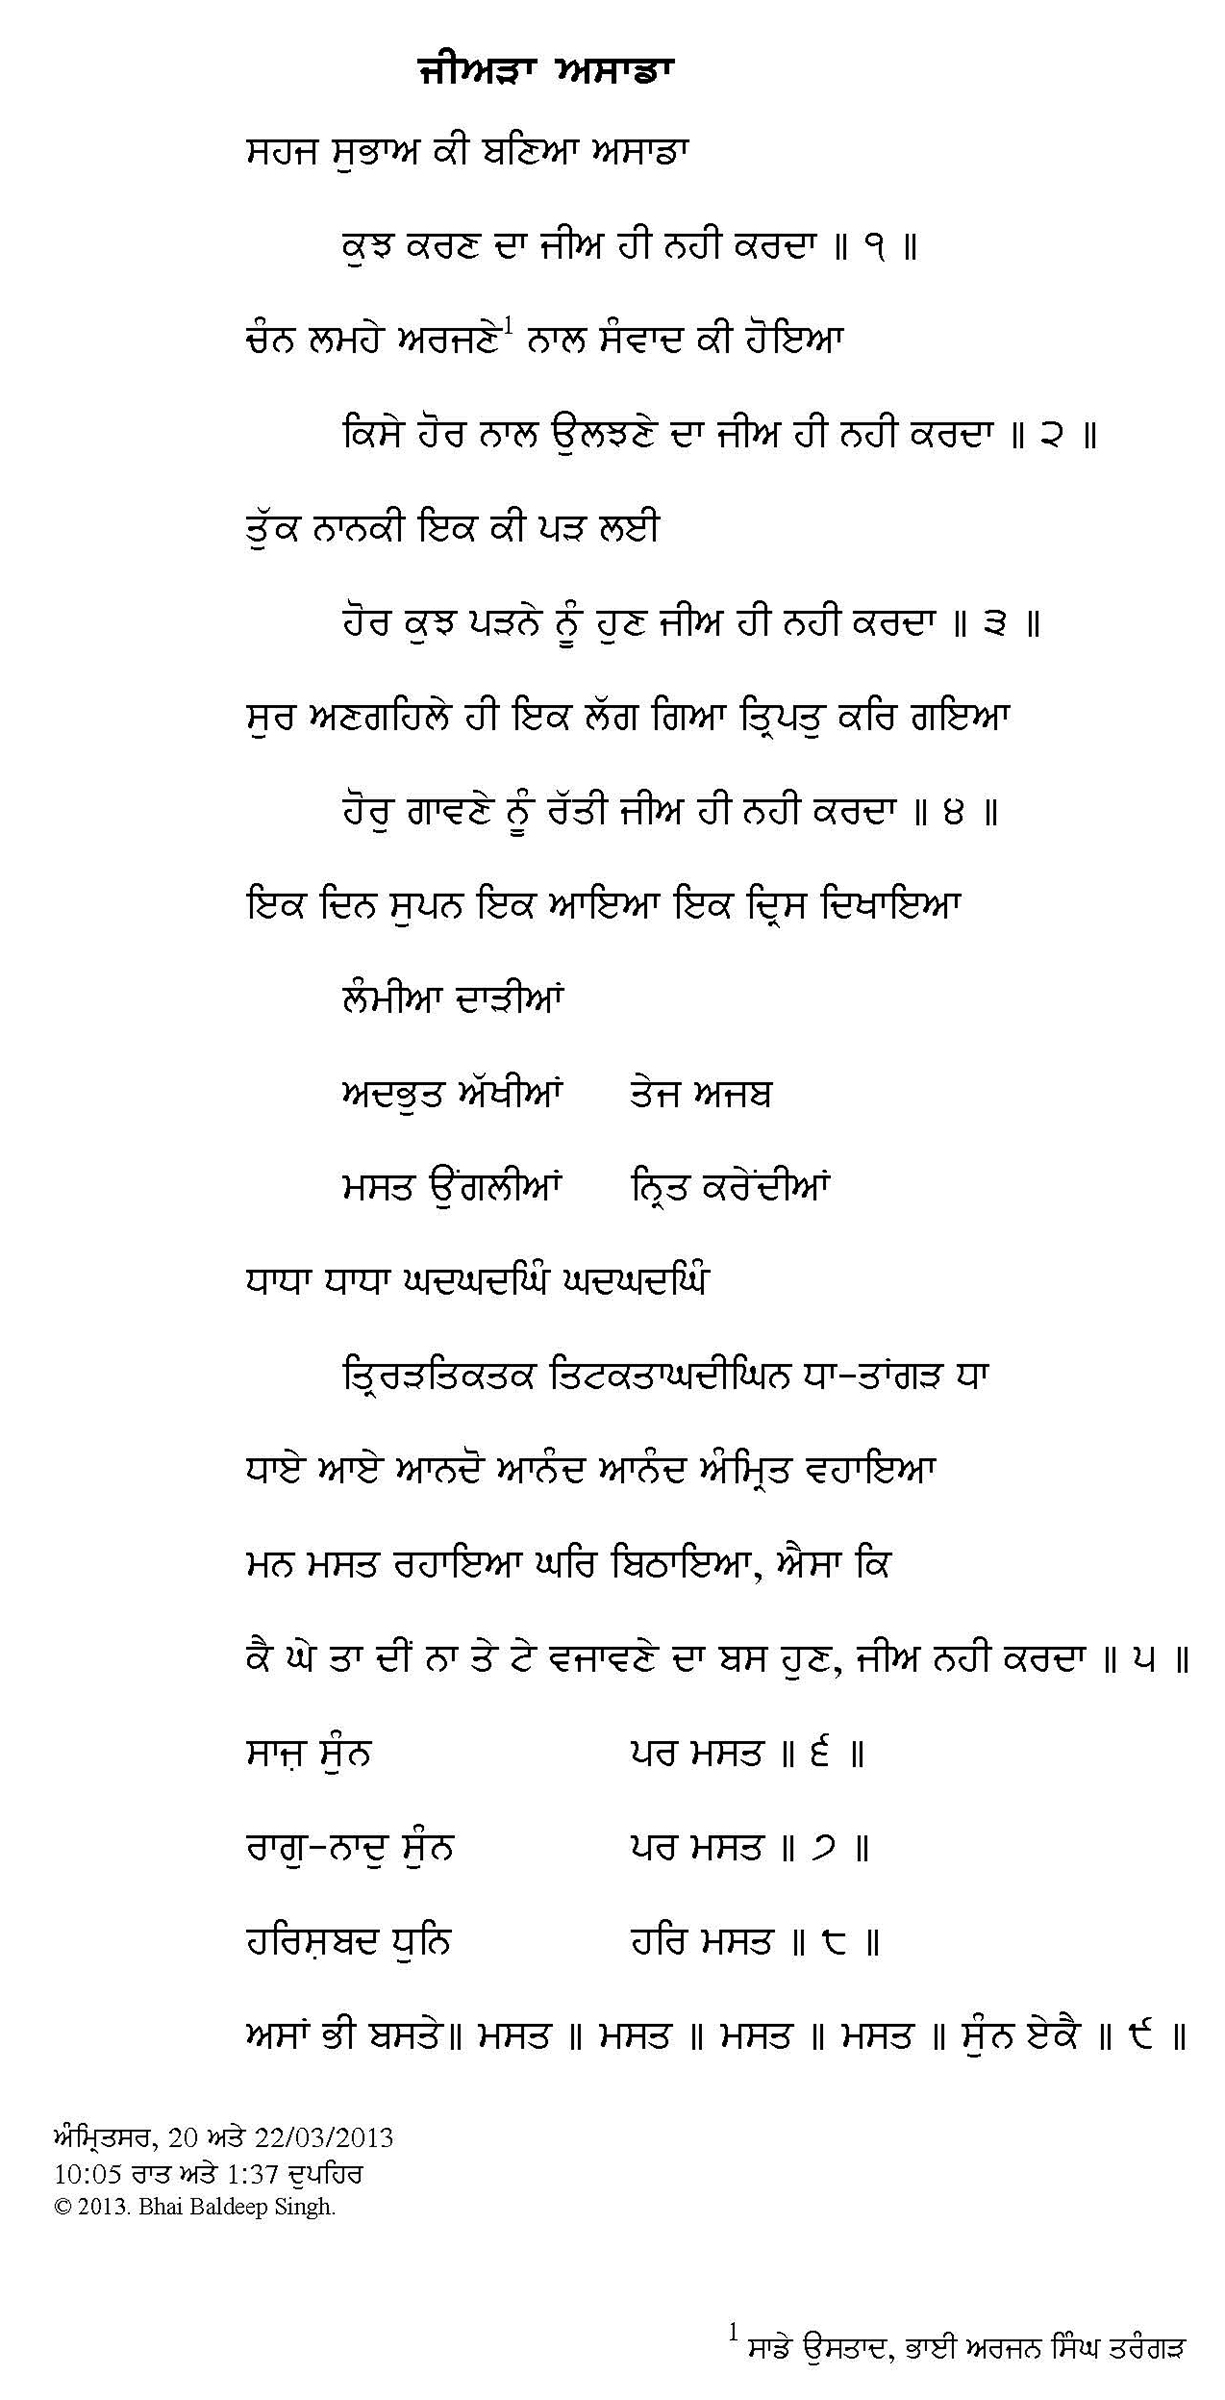 ਜੀਅੜਾ ਅਸਾਡਾ (A poem in Punjabi) | Anad Foundation